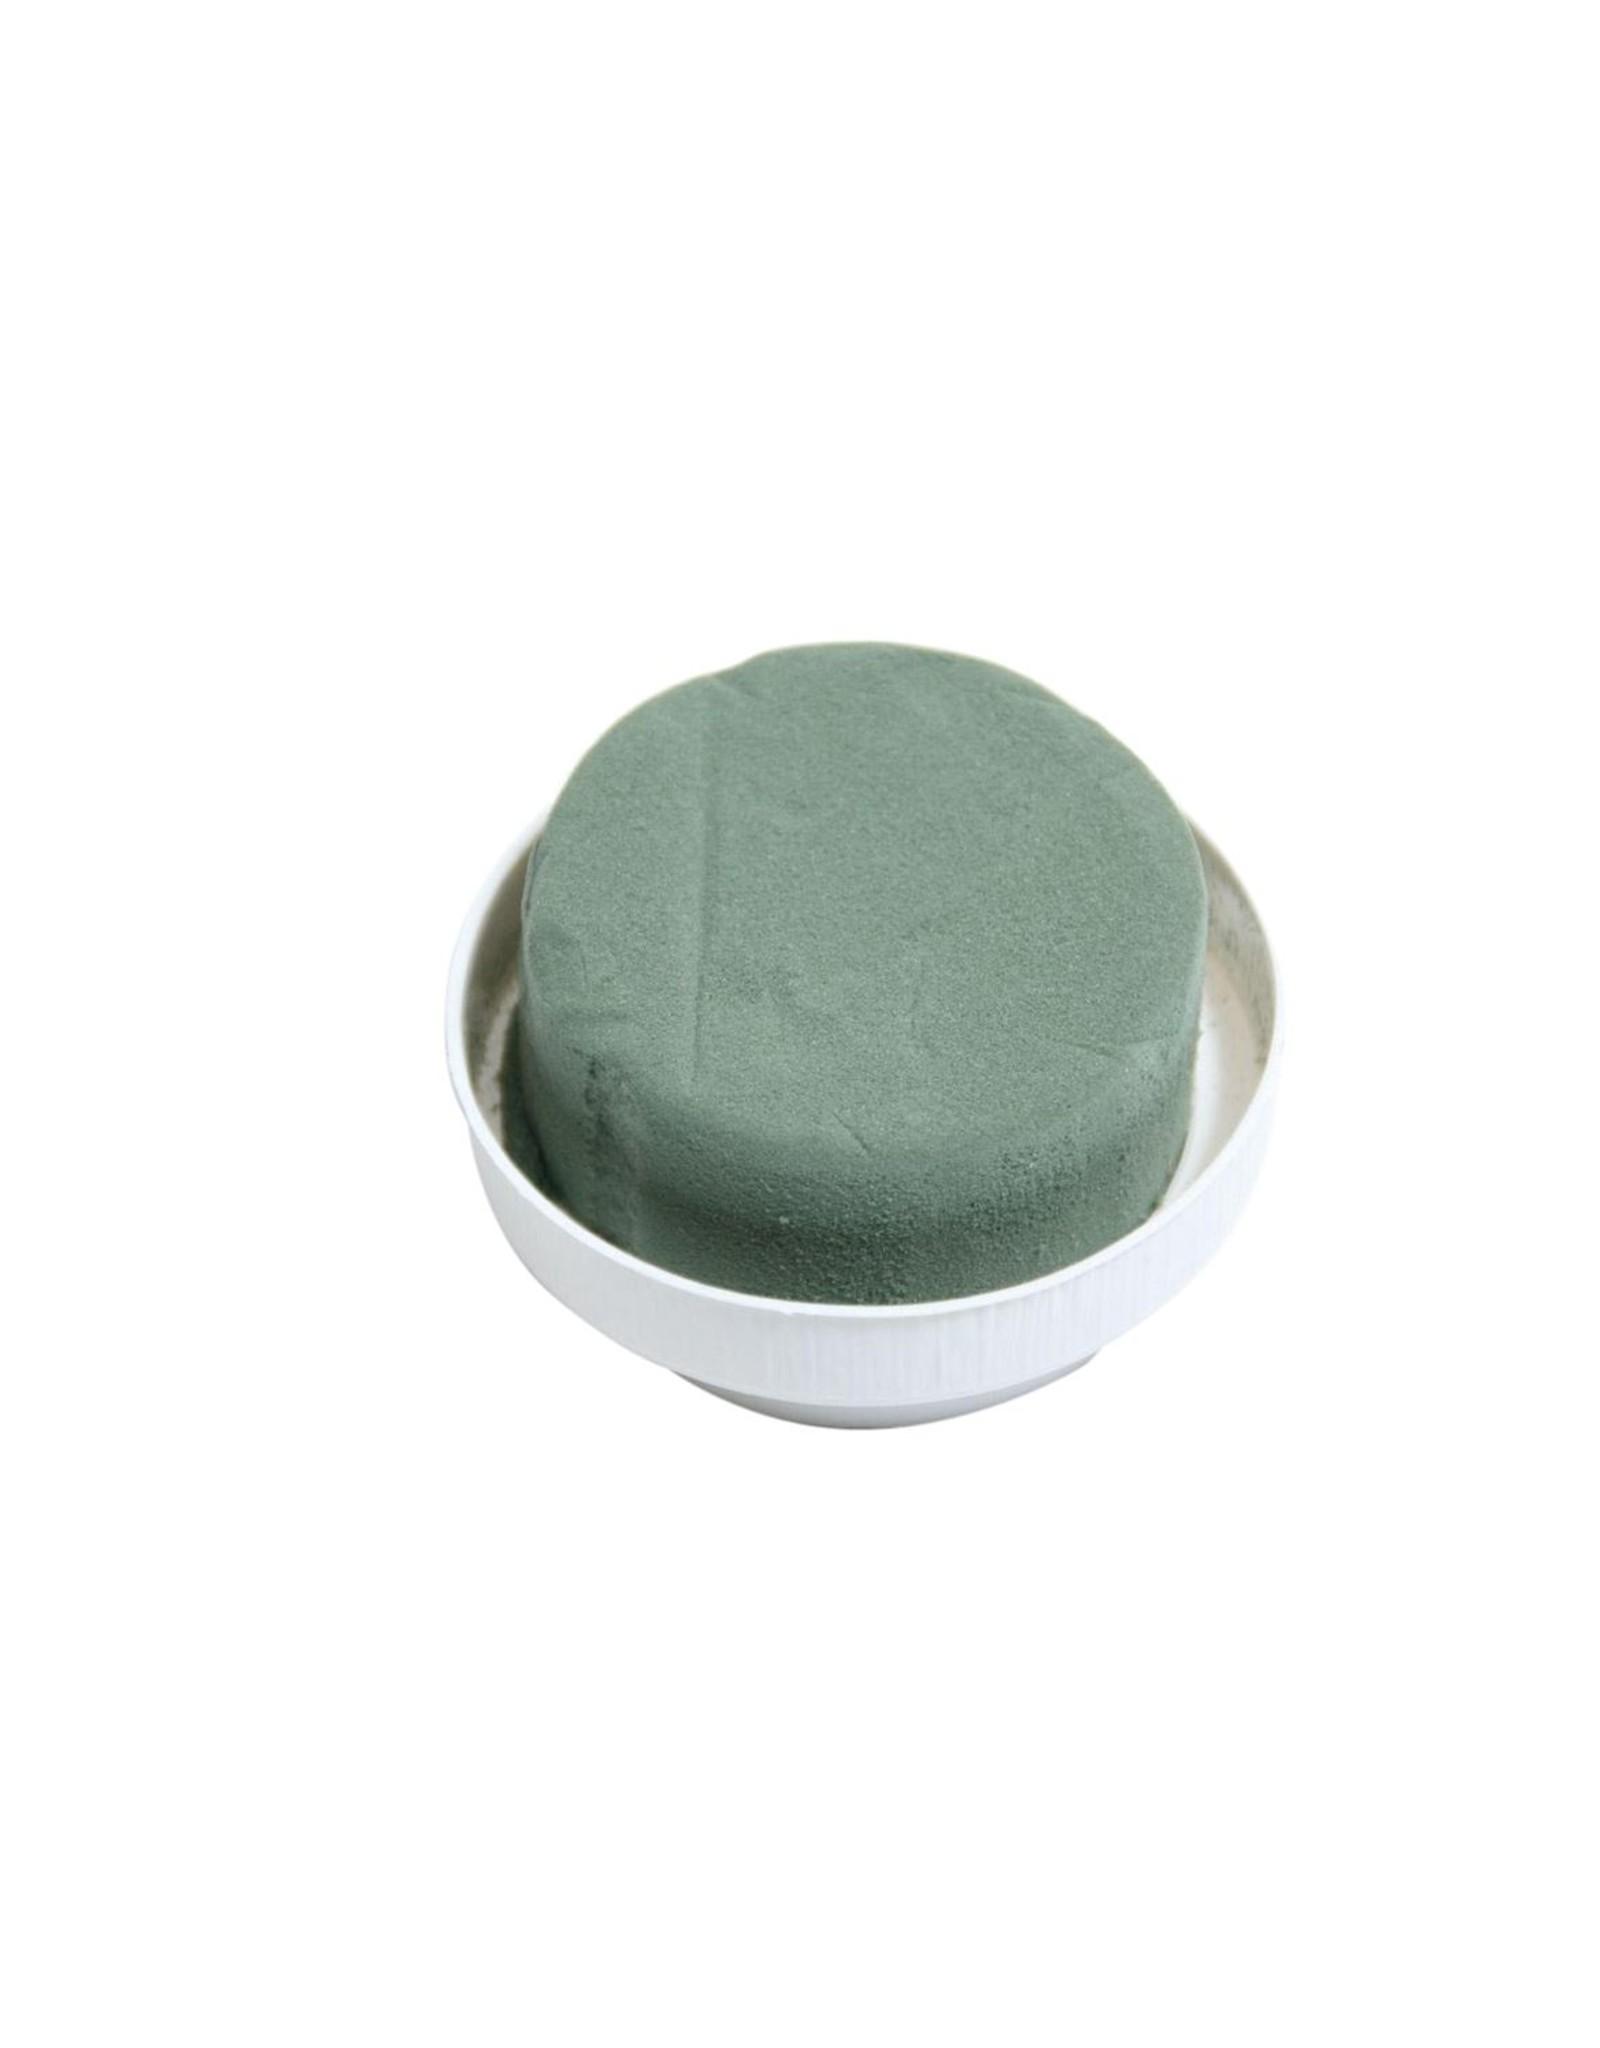 HD Basic Cylinder Foam + Bowl Ø8.0 ↑5.0 (x 60)